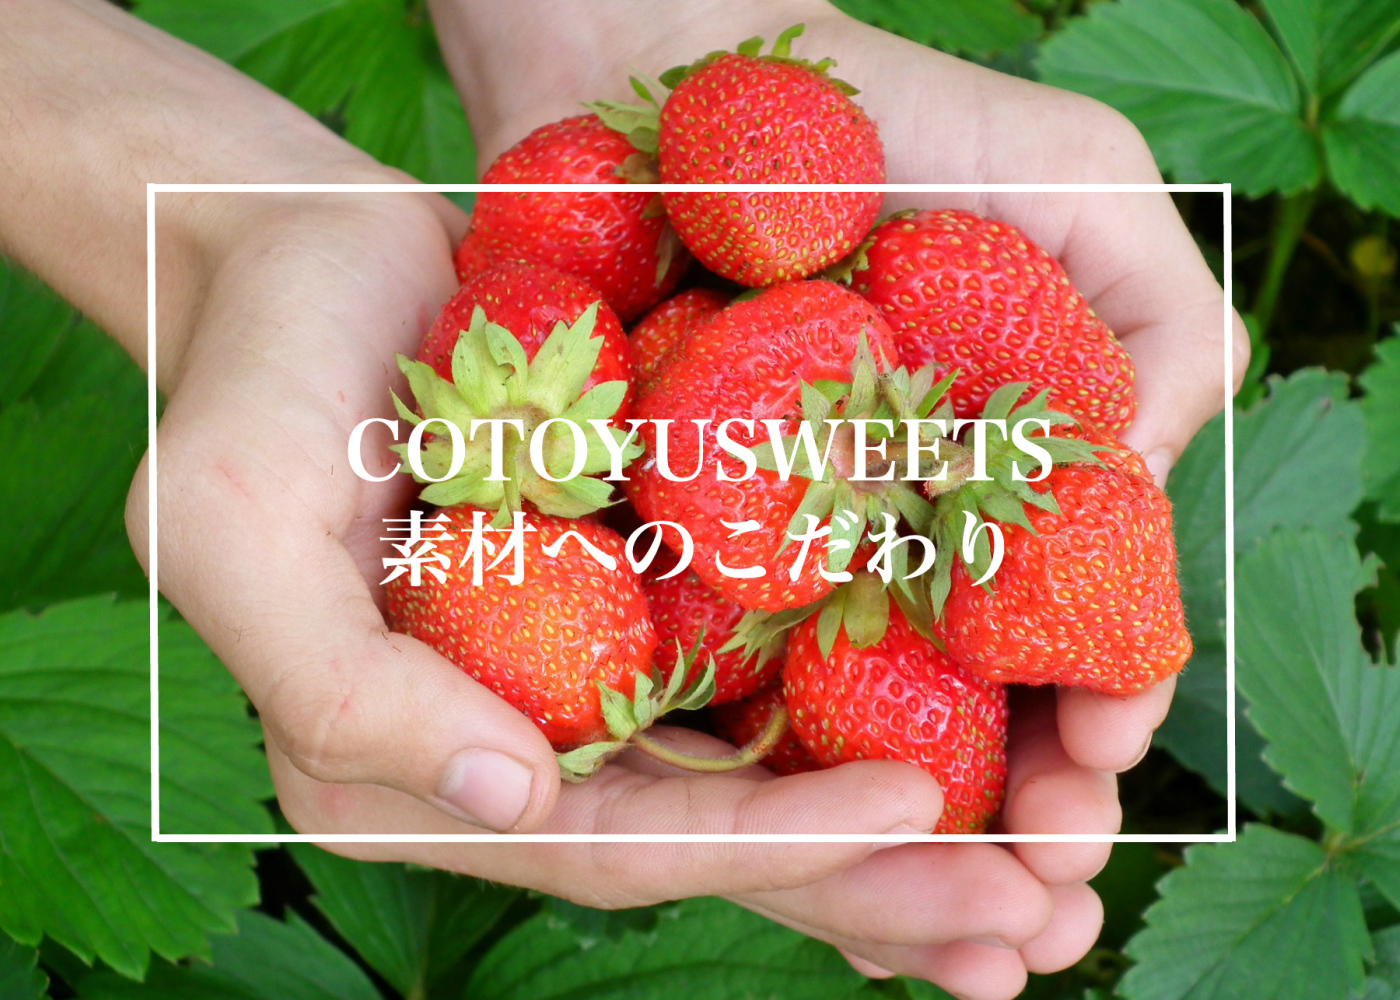 心優-cotoyu sweets-の素材へのこだわり